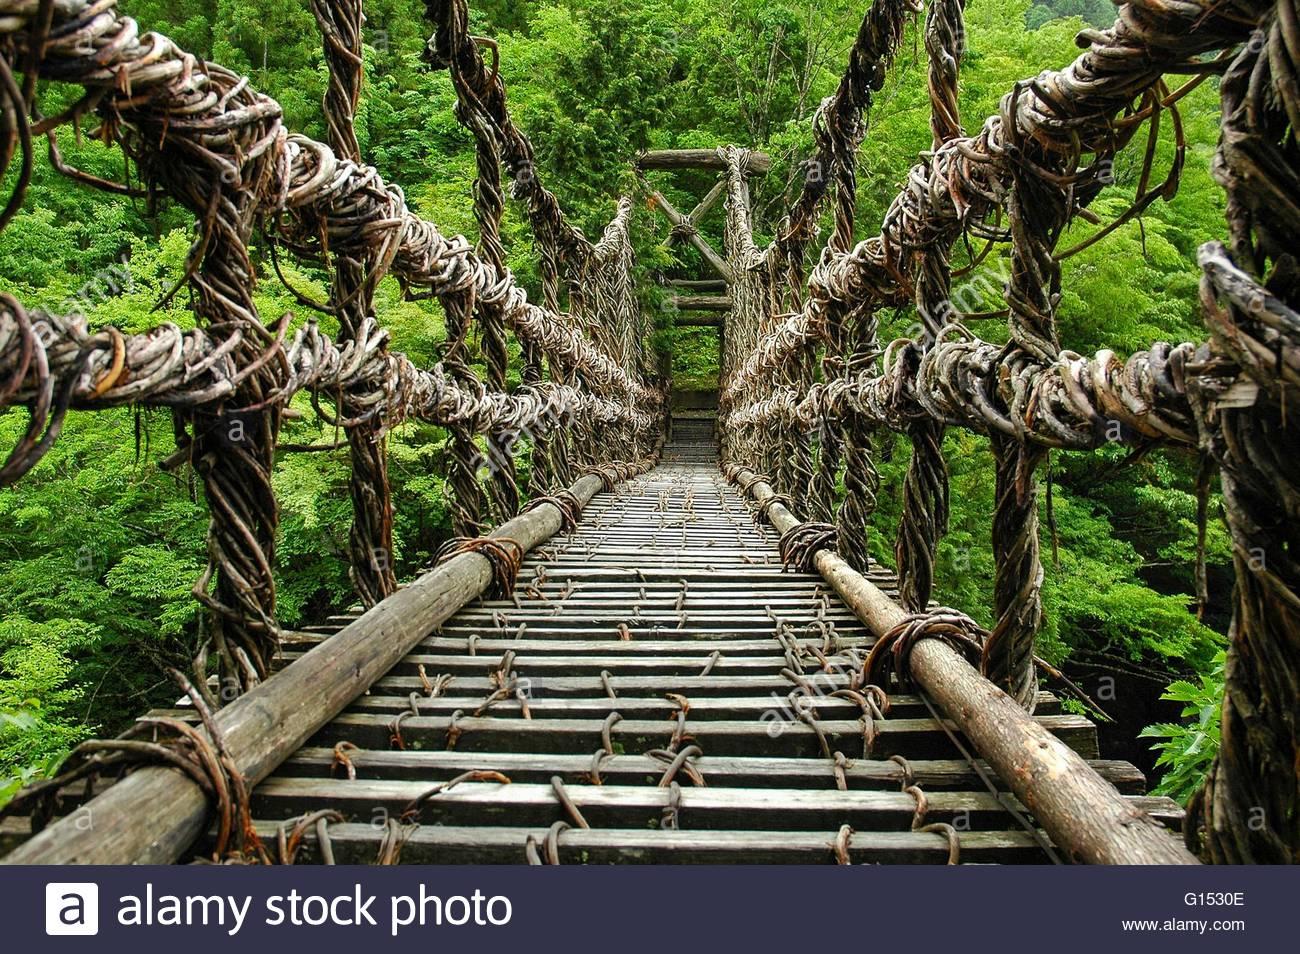 Liana And Wood Suspension Bridge Imágenes De Stock